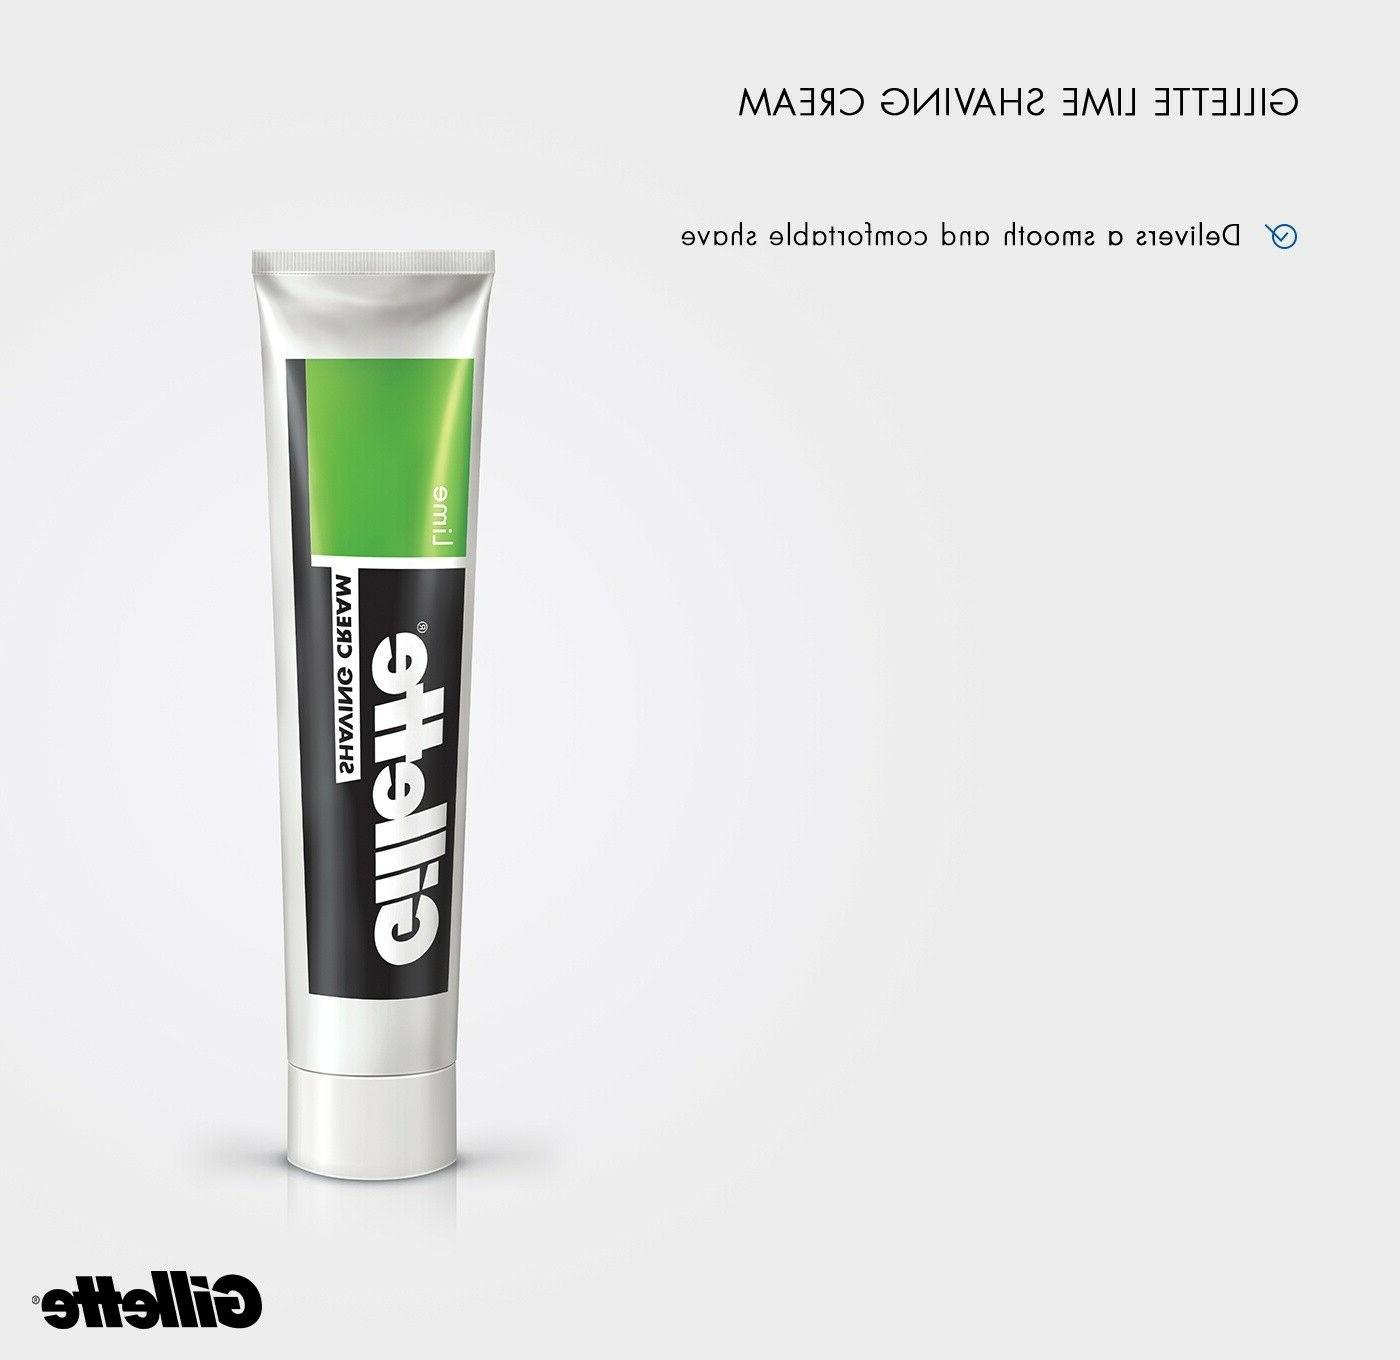 GILLETTE Shaving Cream 30 GM